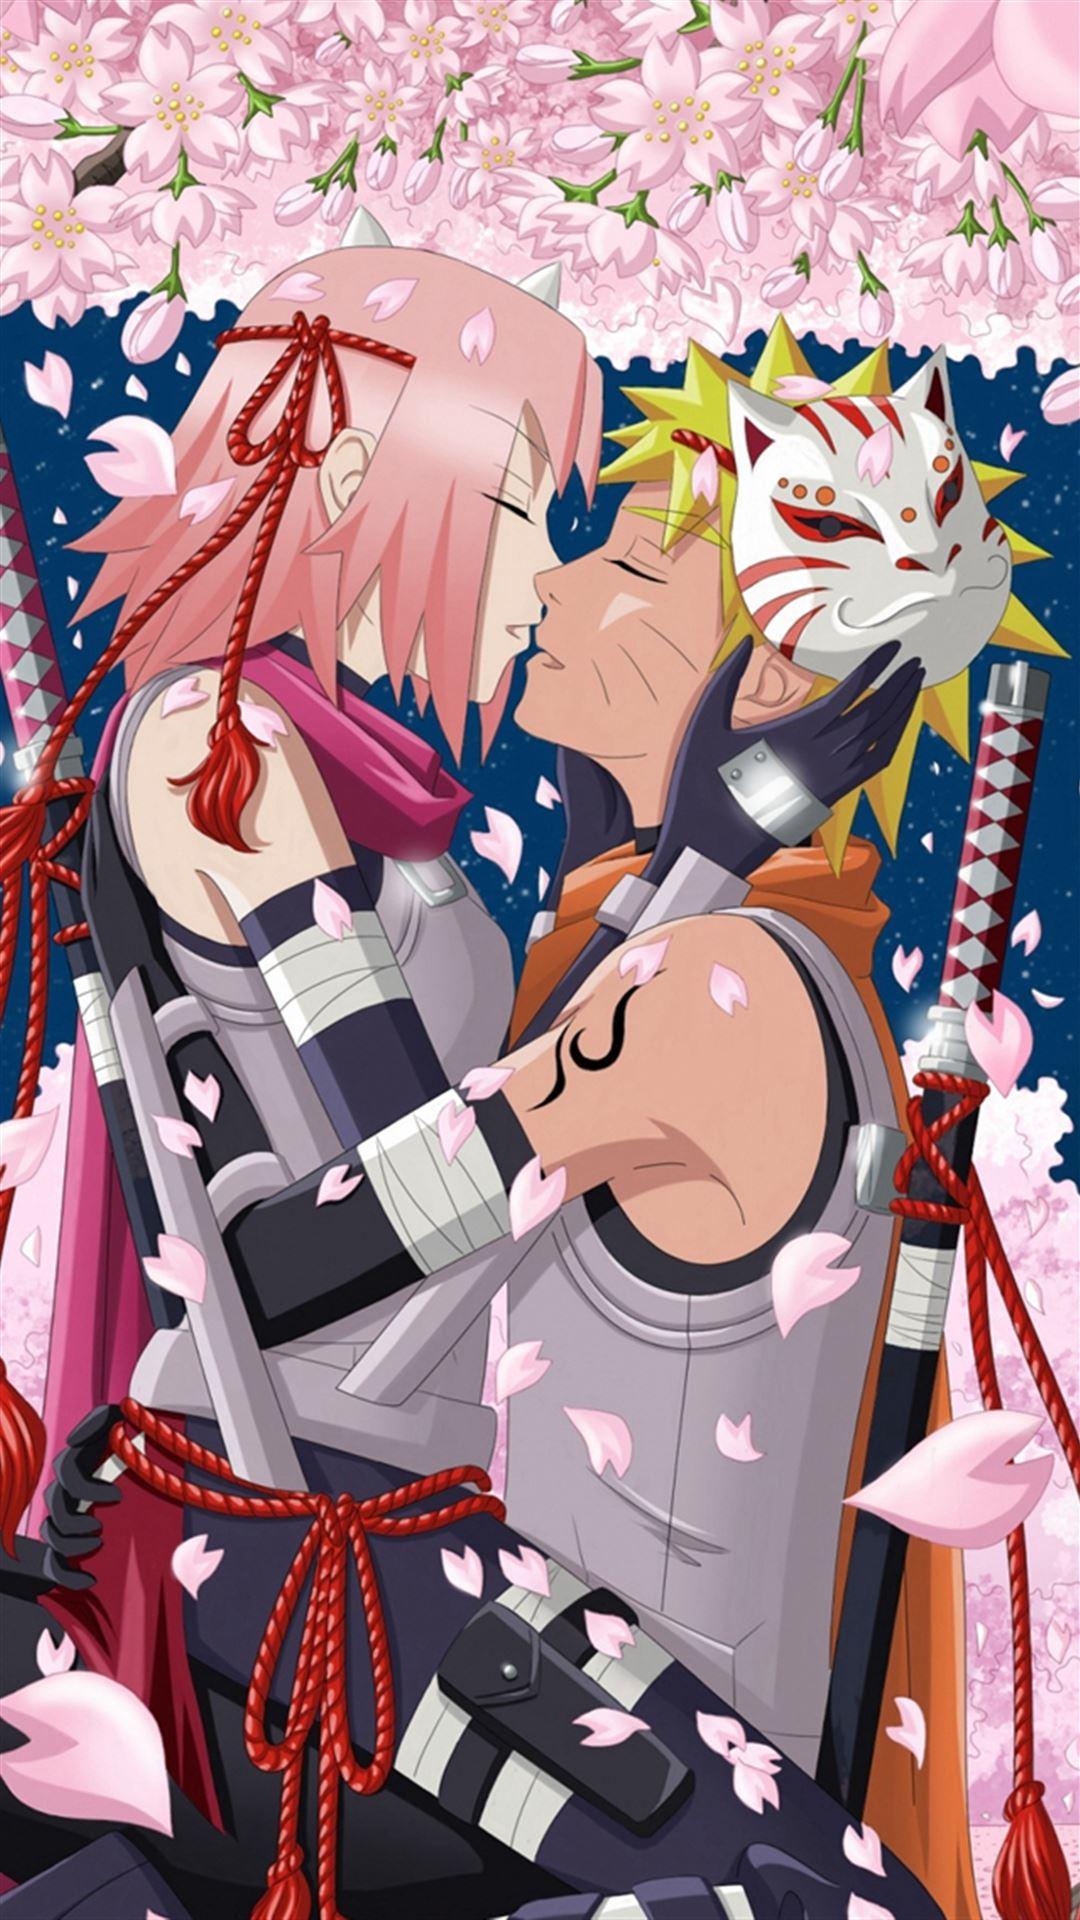 Art Hanabi Rin Anime Naruto Uzumaki Naruto Haruno Sakura Girl Man